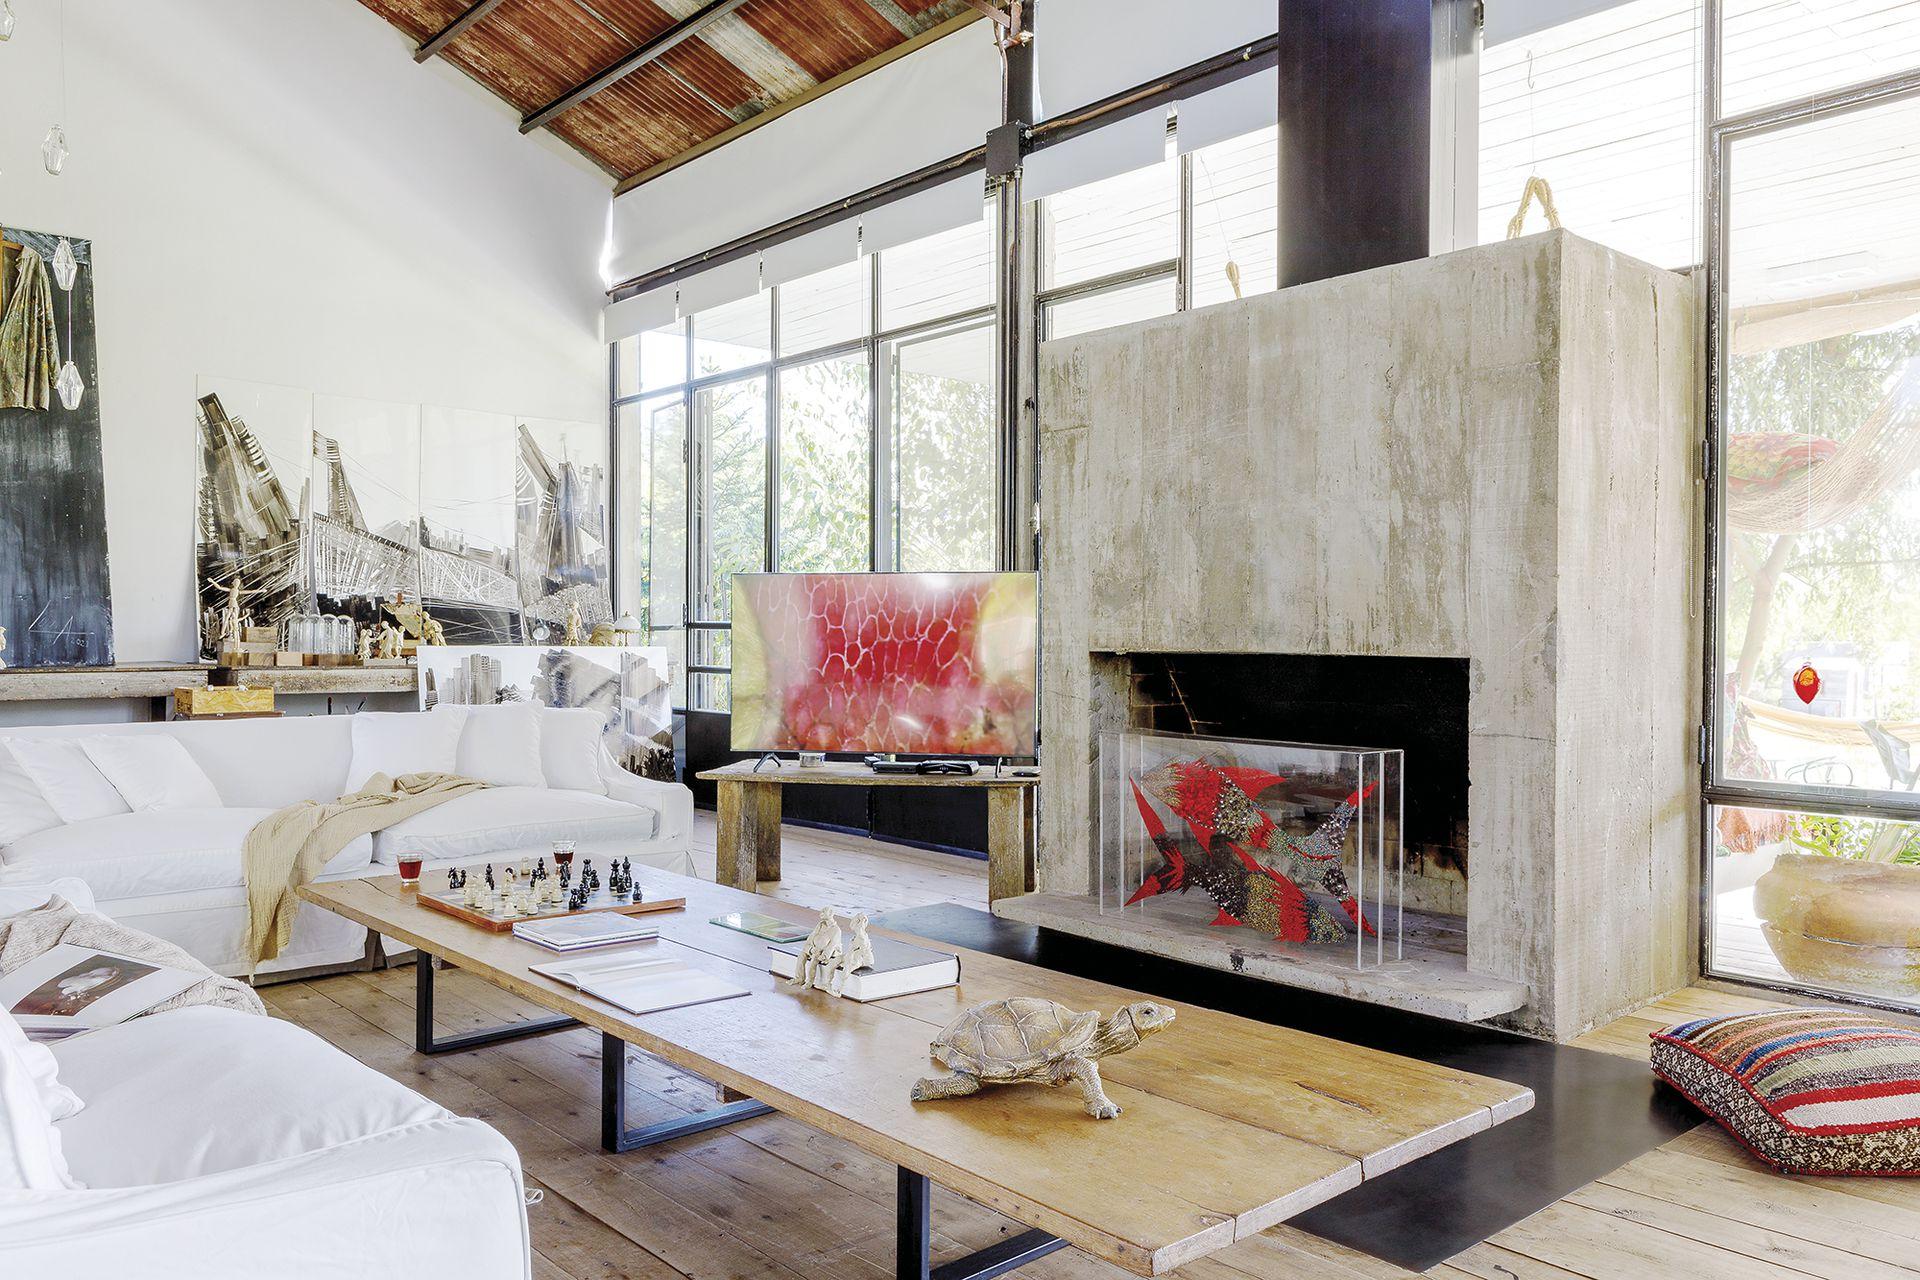 El living ocupa el espacio central frente al hogar de hormigón que, cuando no se usa, les da marco a las obras de Berna, como la caja de acrílico con peces que se ve en esta imagen.